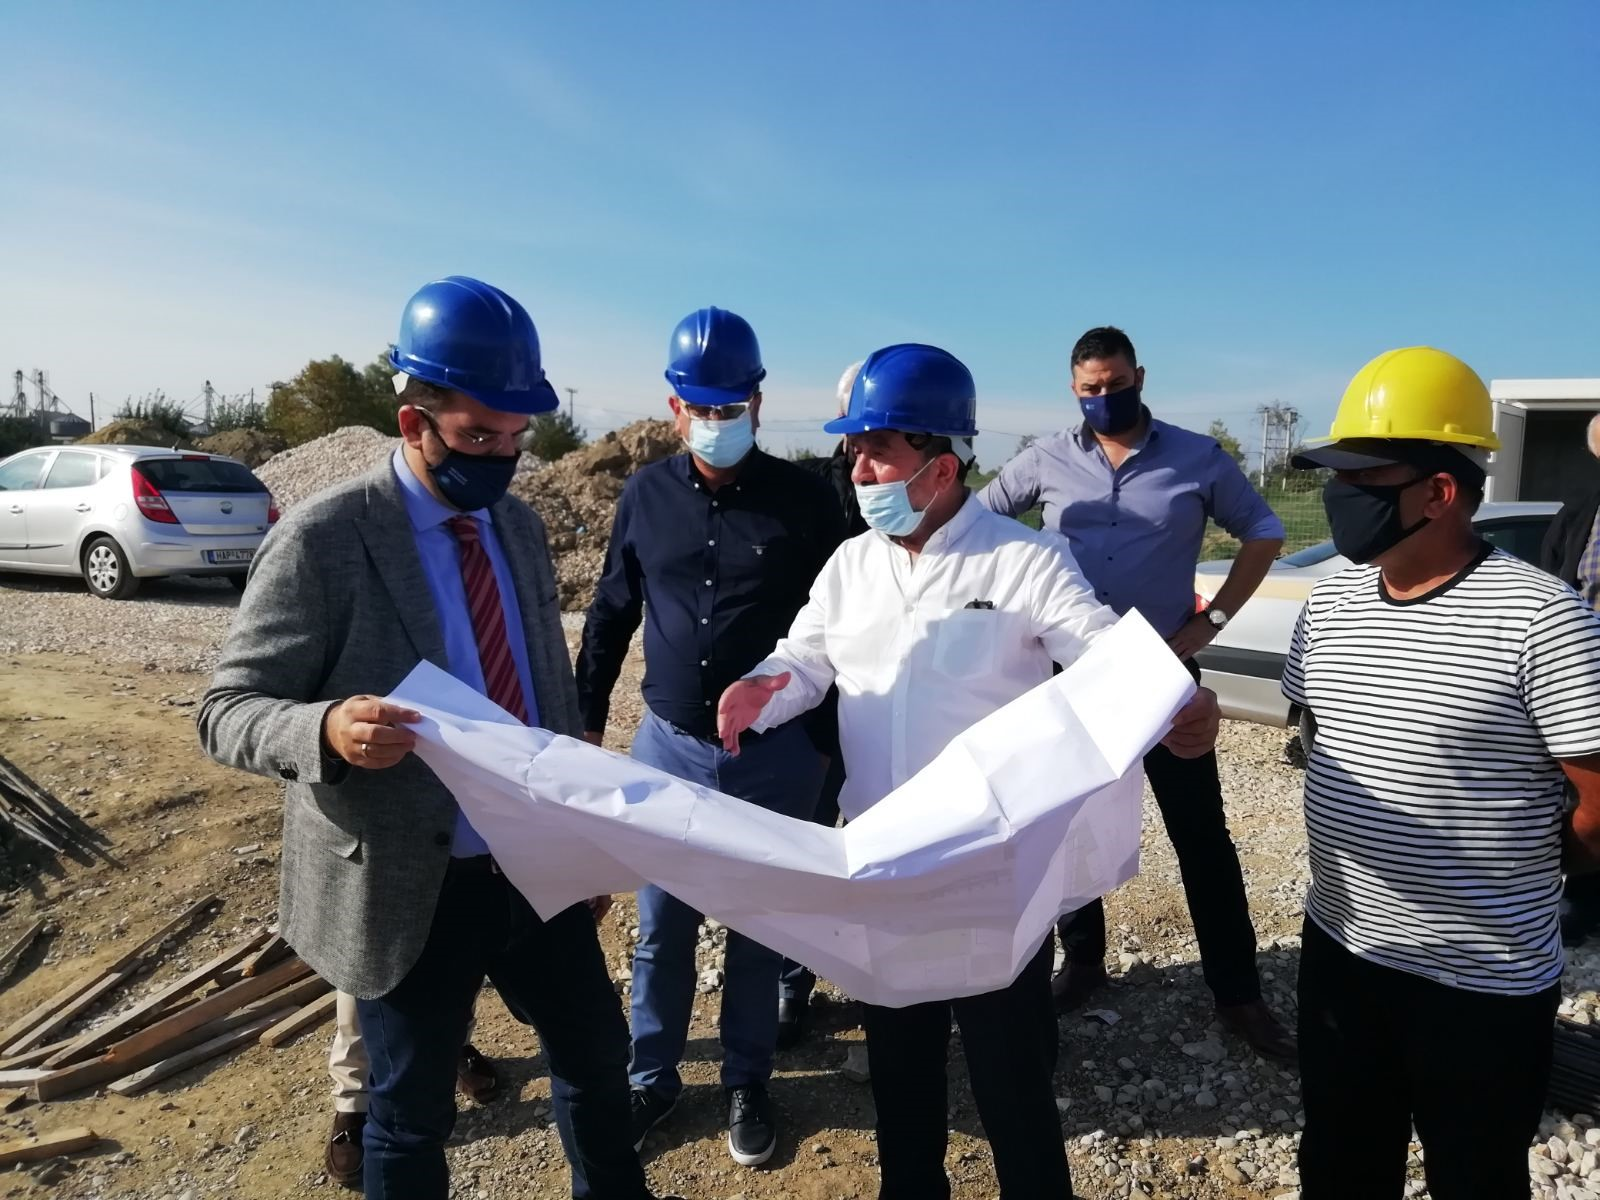 Στην Ηλεία ο Ν. Φαρμάκης: Επίβλεψη στα έργα σε σχολικές μονάδες στο δήμο Ανδραβίδας – Κυλλήνης (photos)